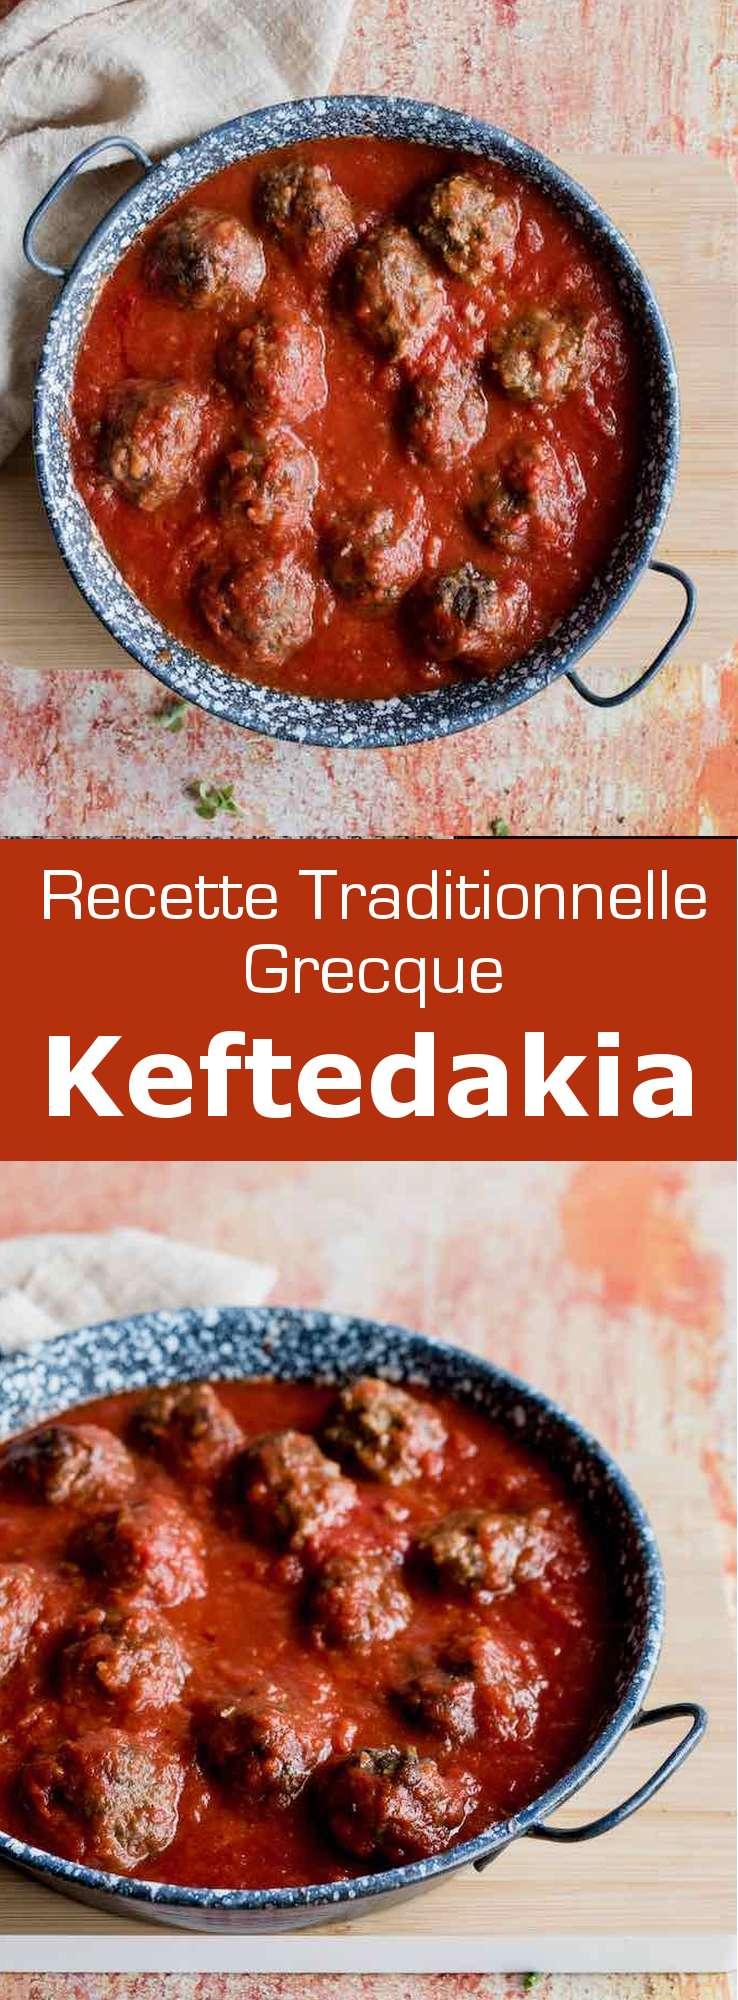 Les keftedakia (κεφτεδακια) sont un plat traditionnel grec, de petites boulettes de viande hachée, frites puis mijotées dans une sauce tomate. #Grece #RecetteGrecque #CuisineGrecque #CuisineMediterraneenne #CuisineDuMonde #196flavors